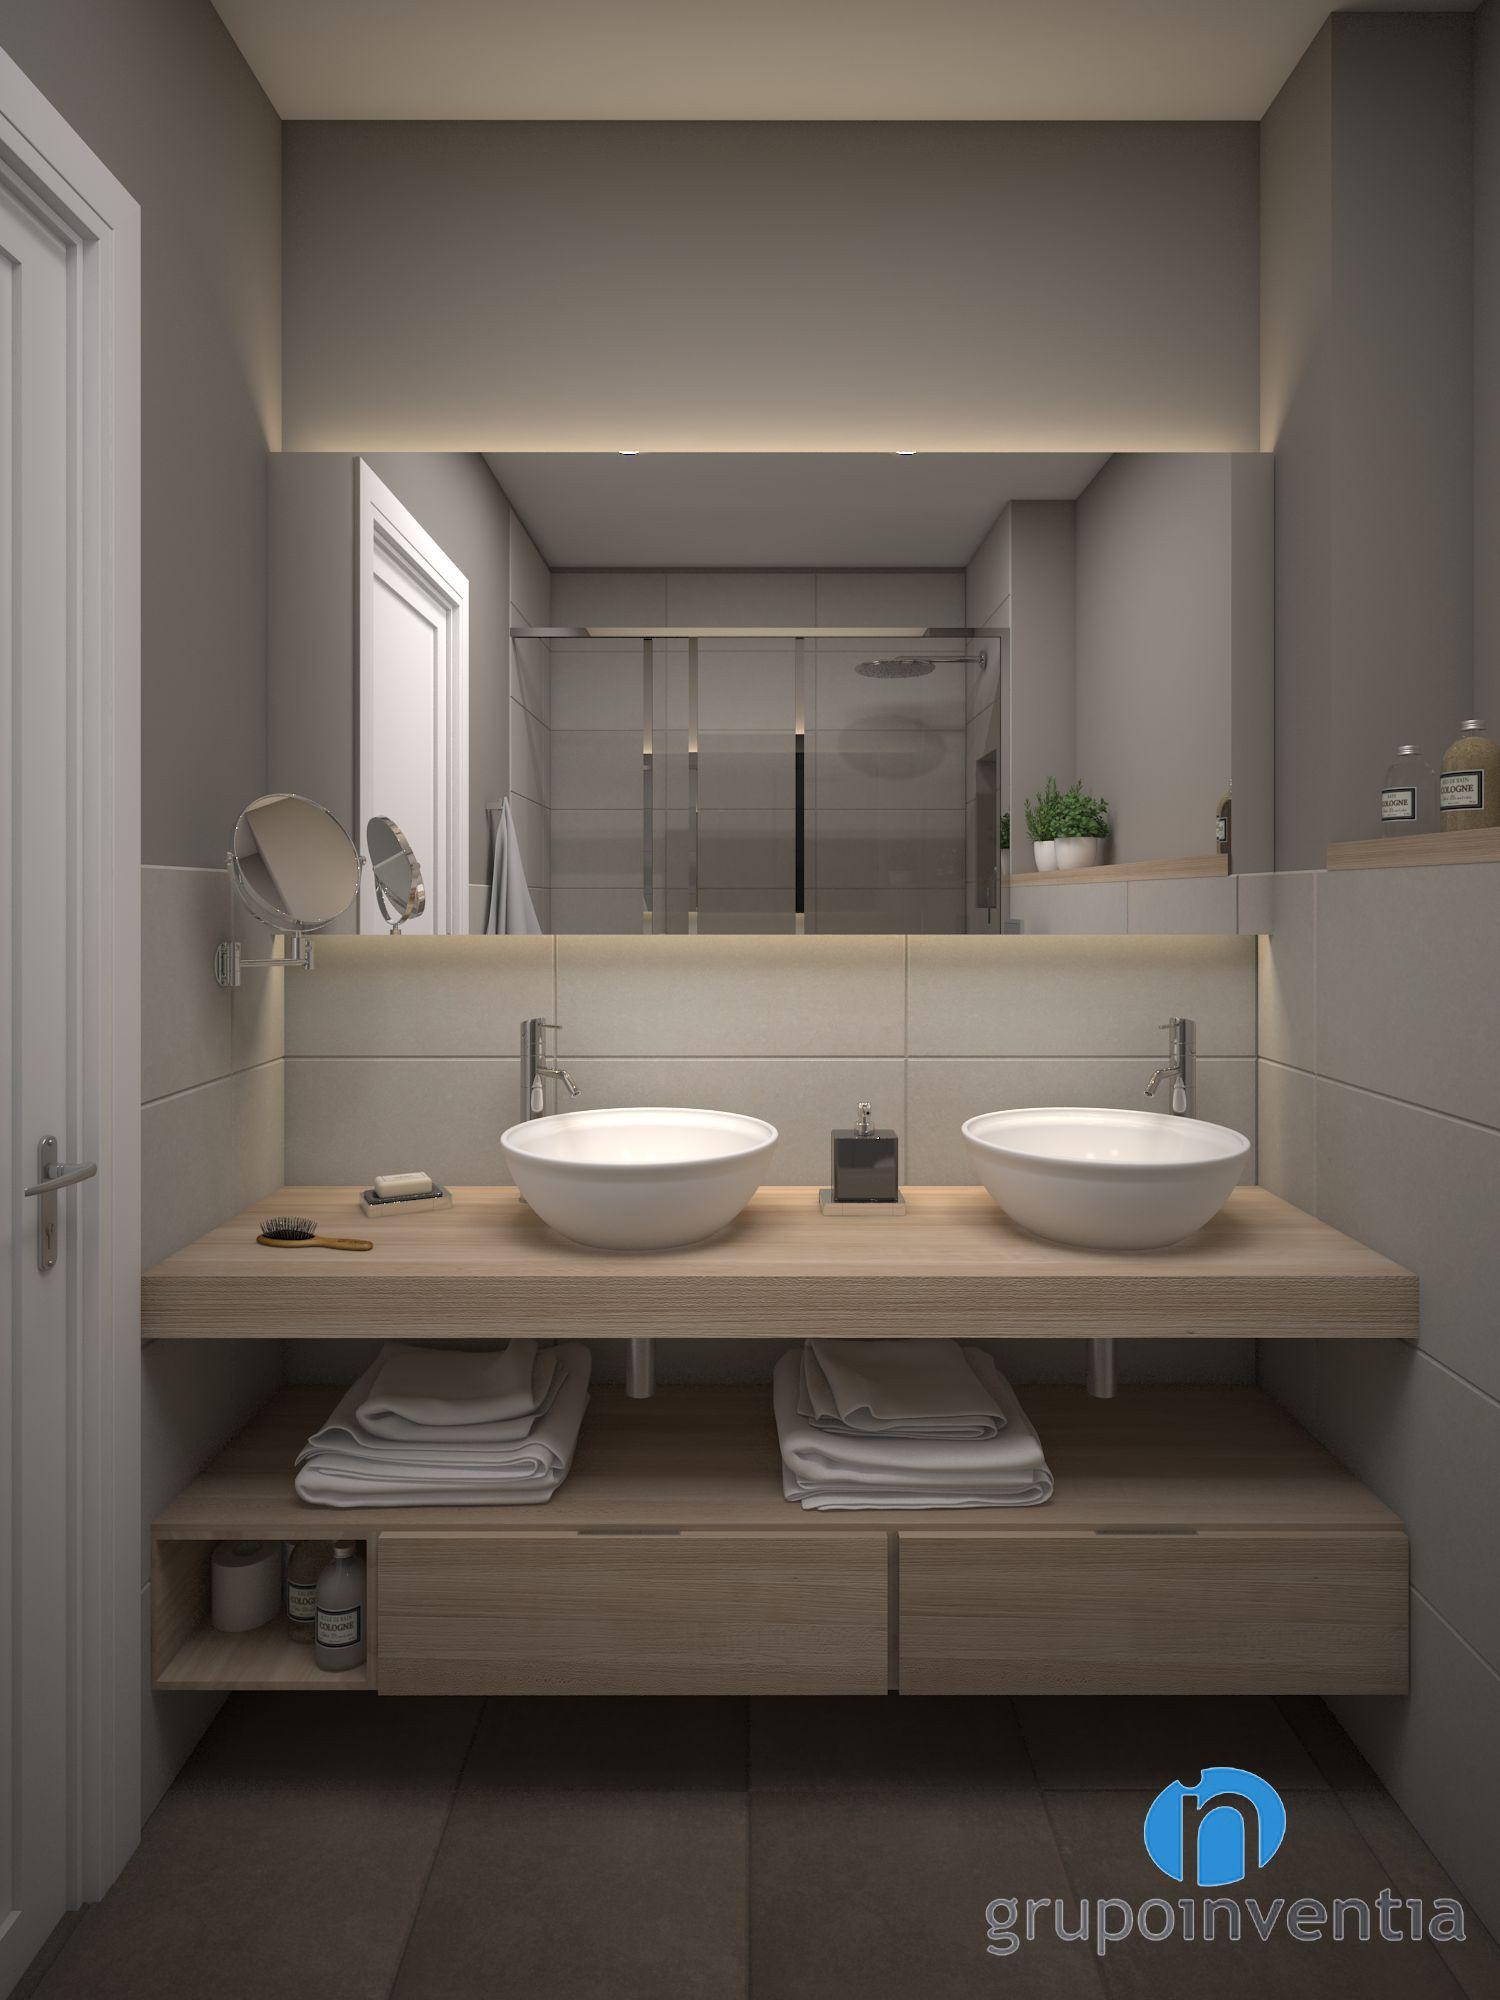 Baños con dos lavabos con acabado en madera